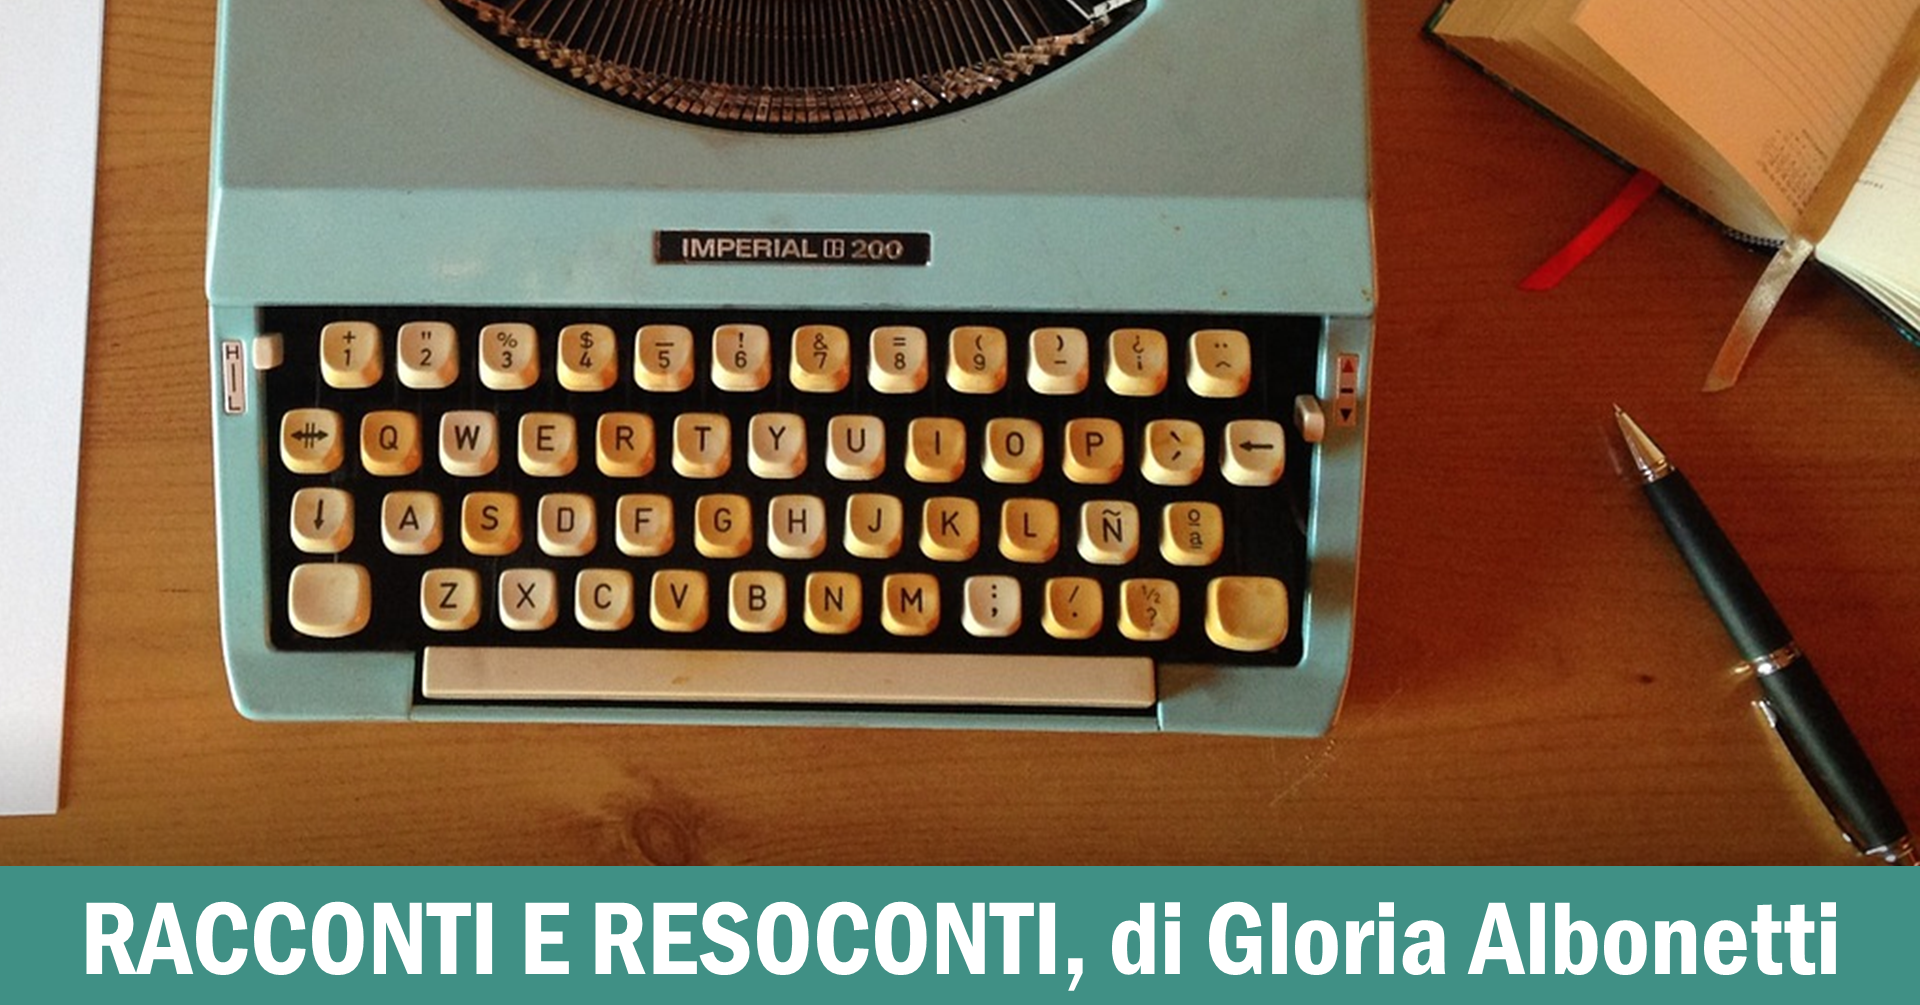 Racconti e resoconti - di Gloria Albonetti